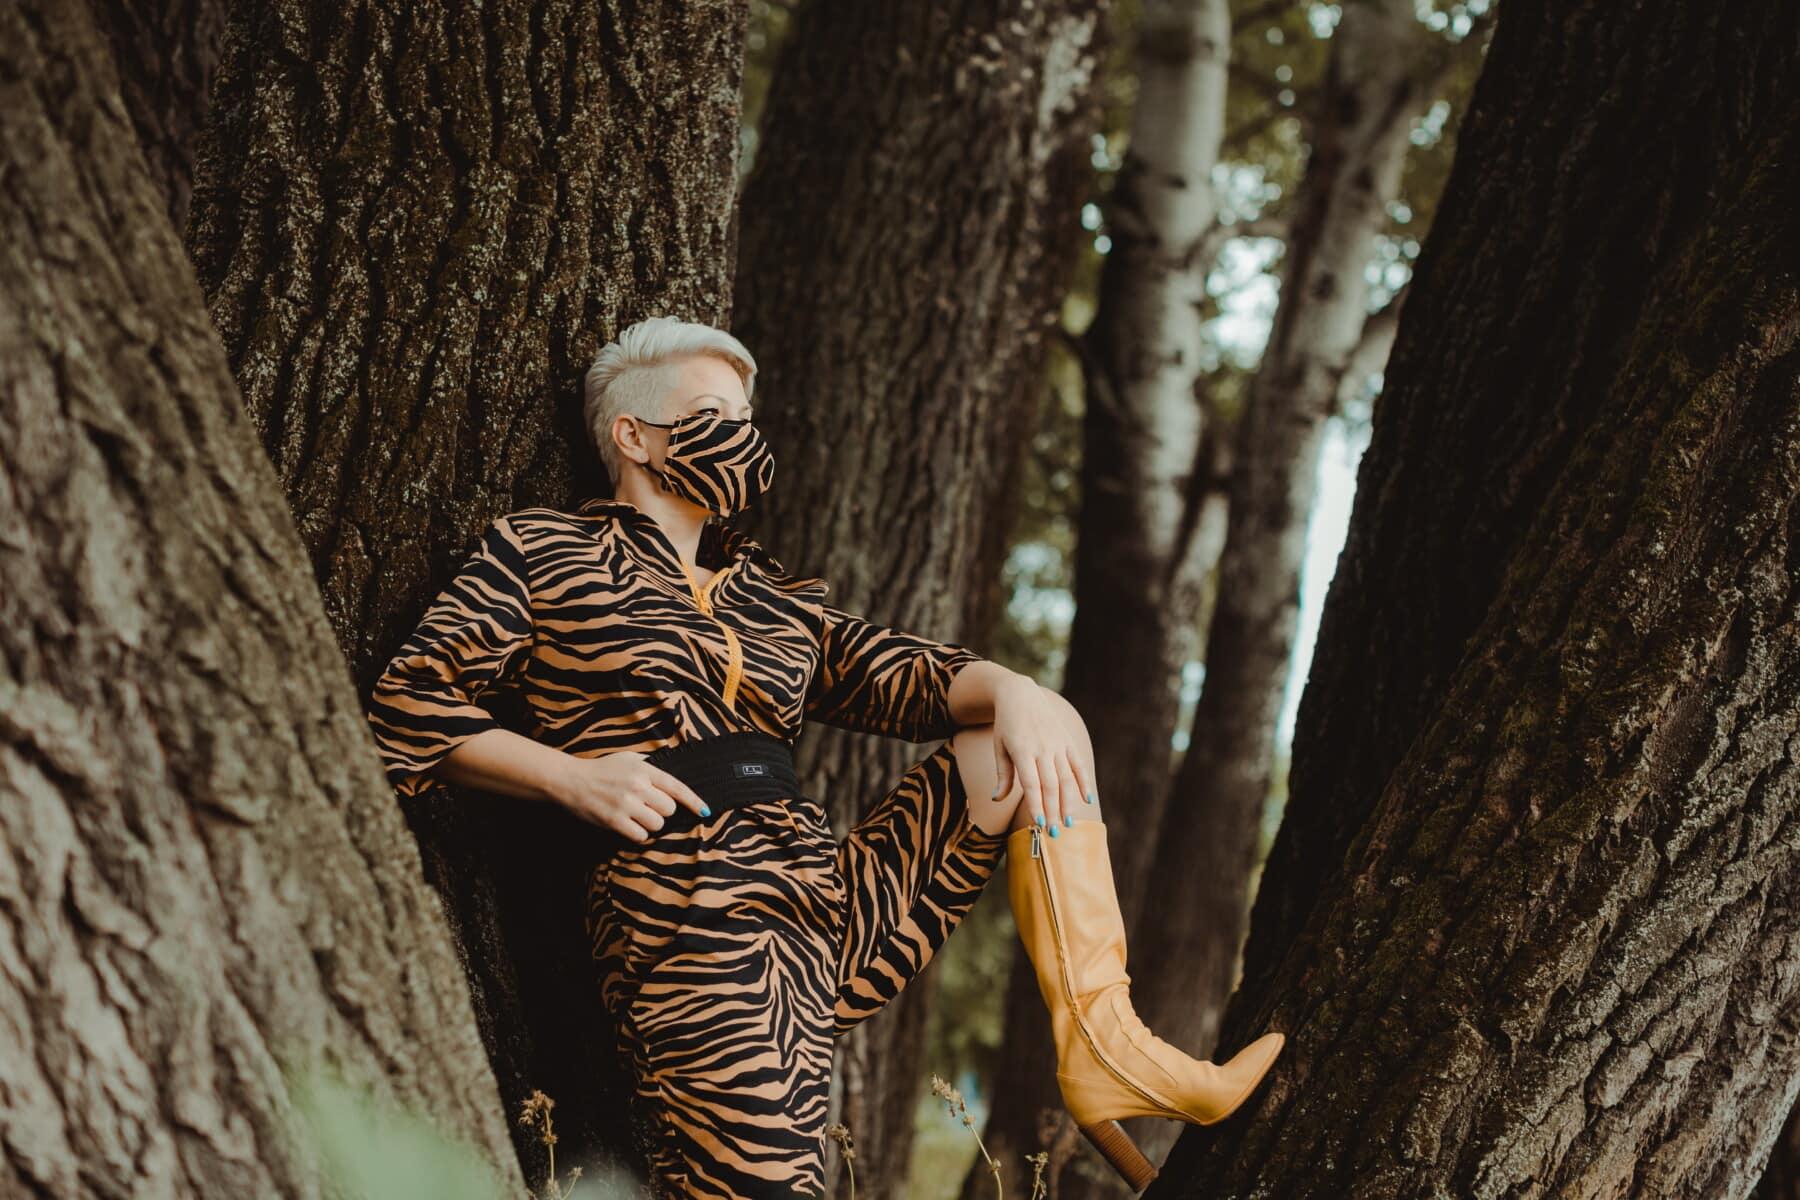 красива, млада жена, представляват, фото модел, маска за лице, инвентар, мода, камуфлаж, природата, дървен материал